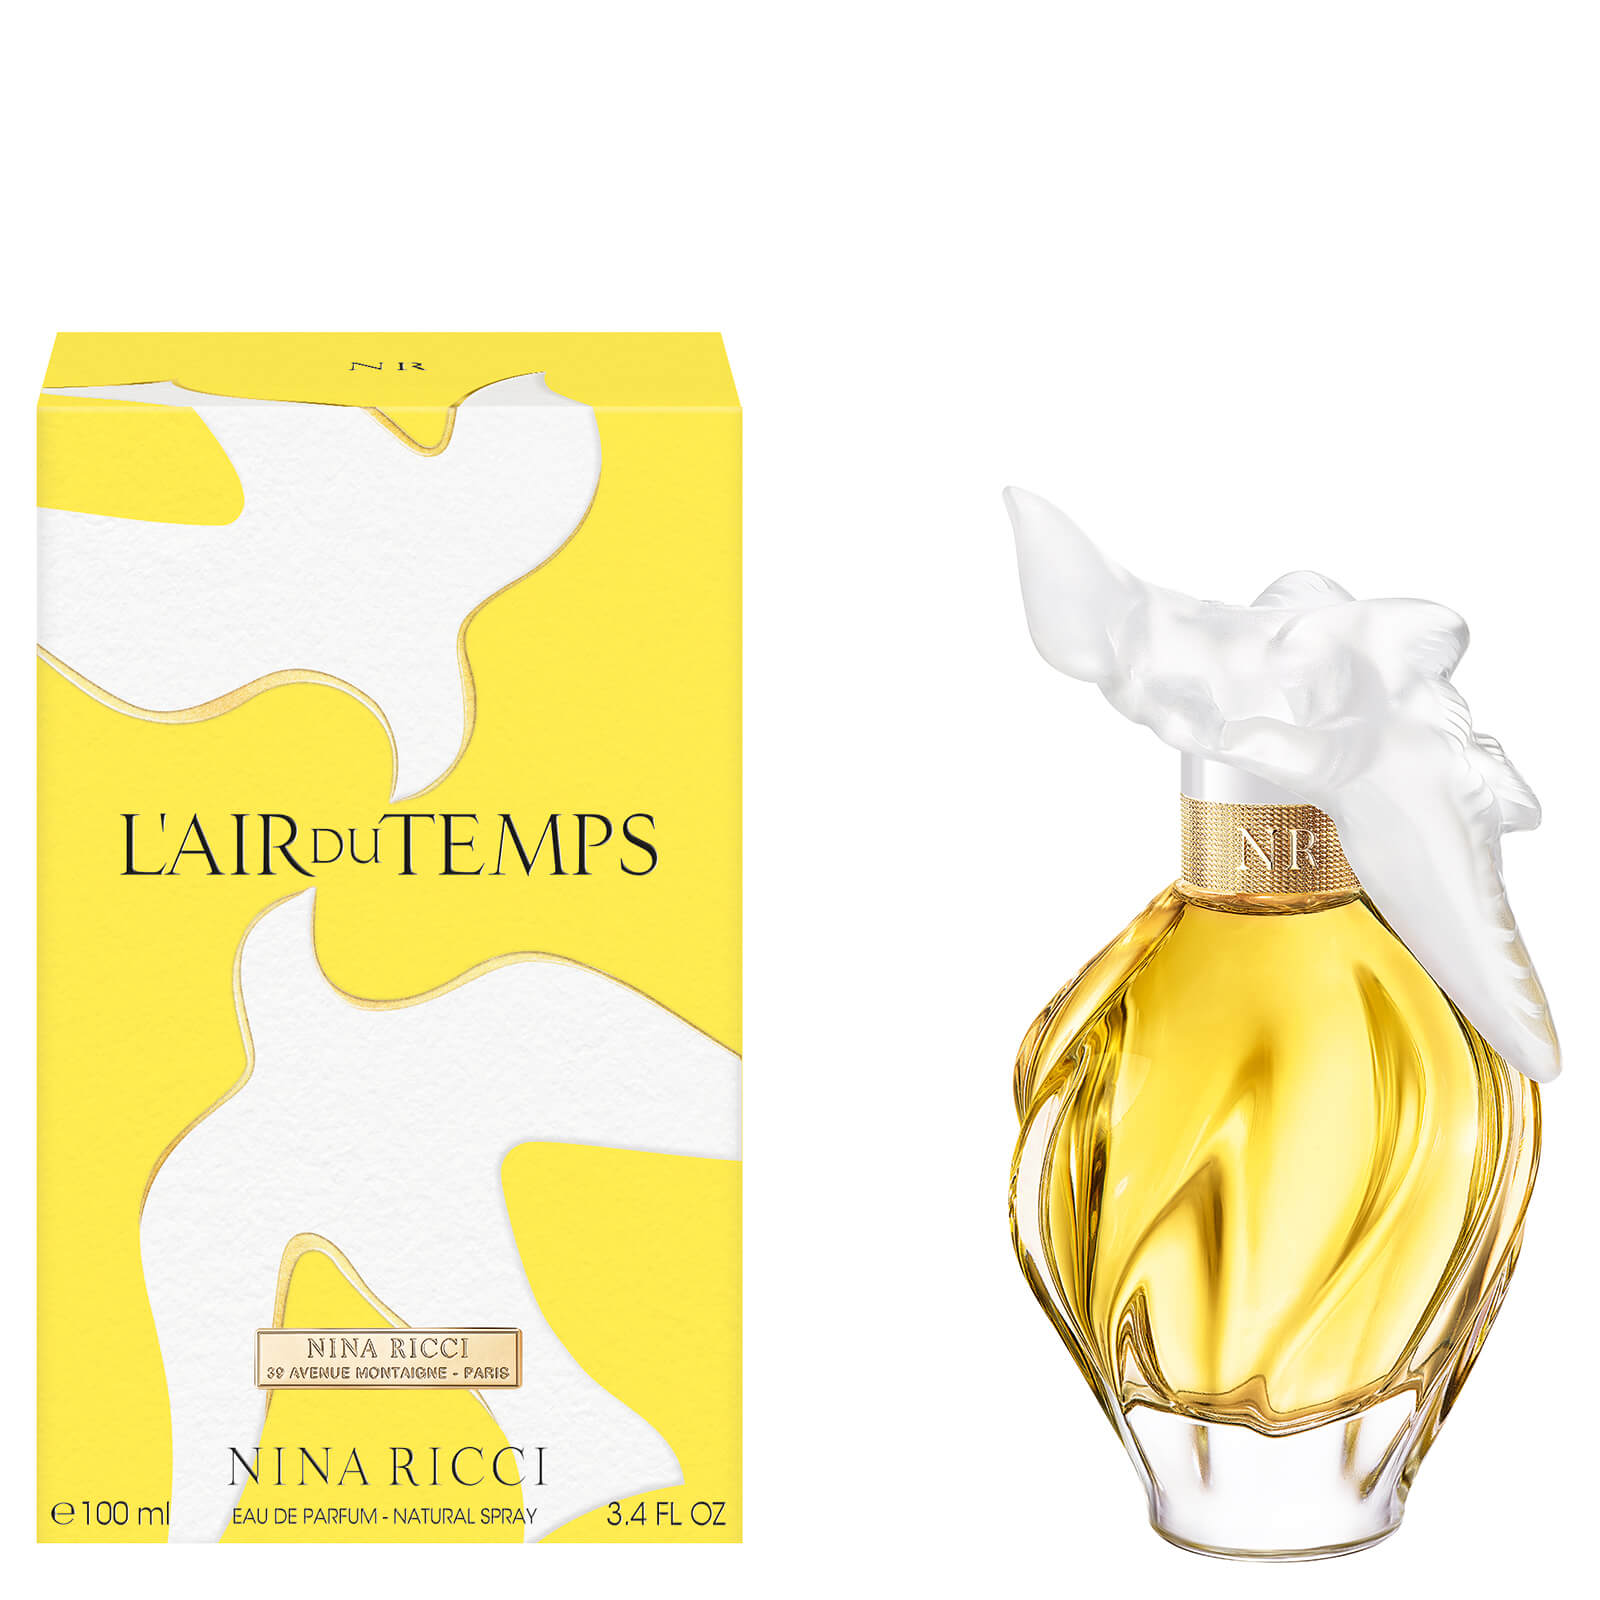 8bba9bafe6 Nina Ricci L Air du Temps Eau de Parfum 100ml